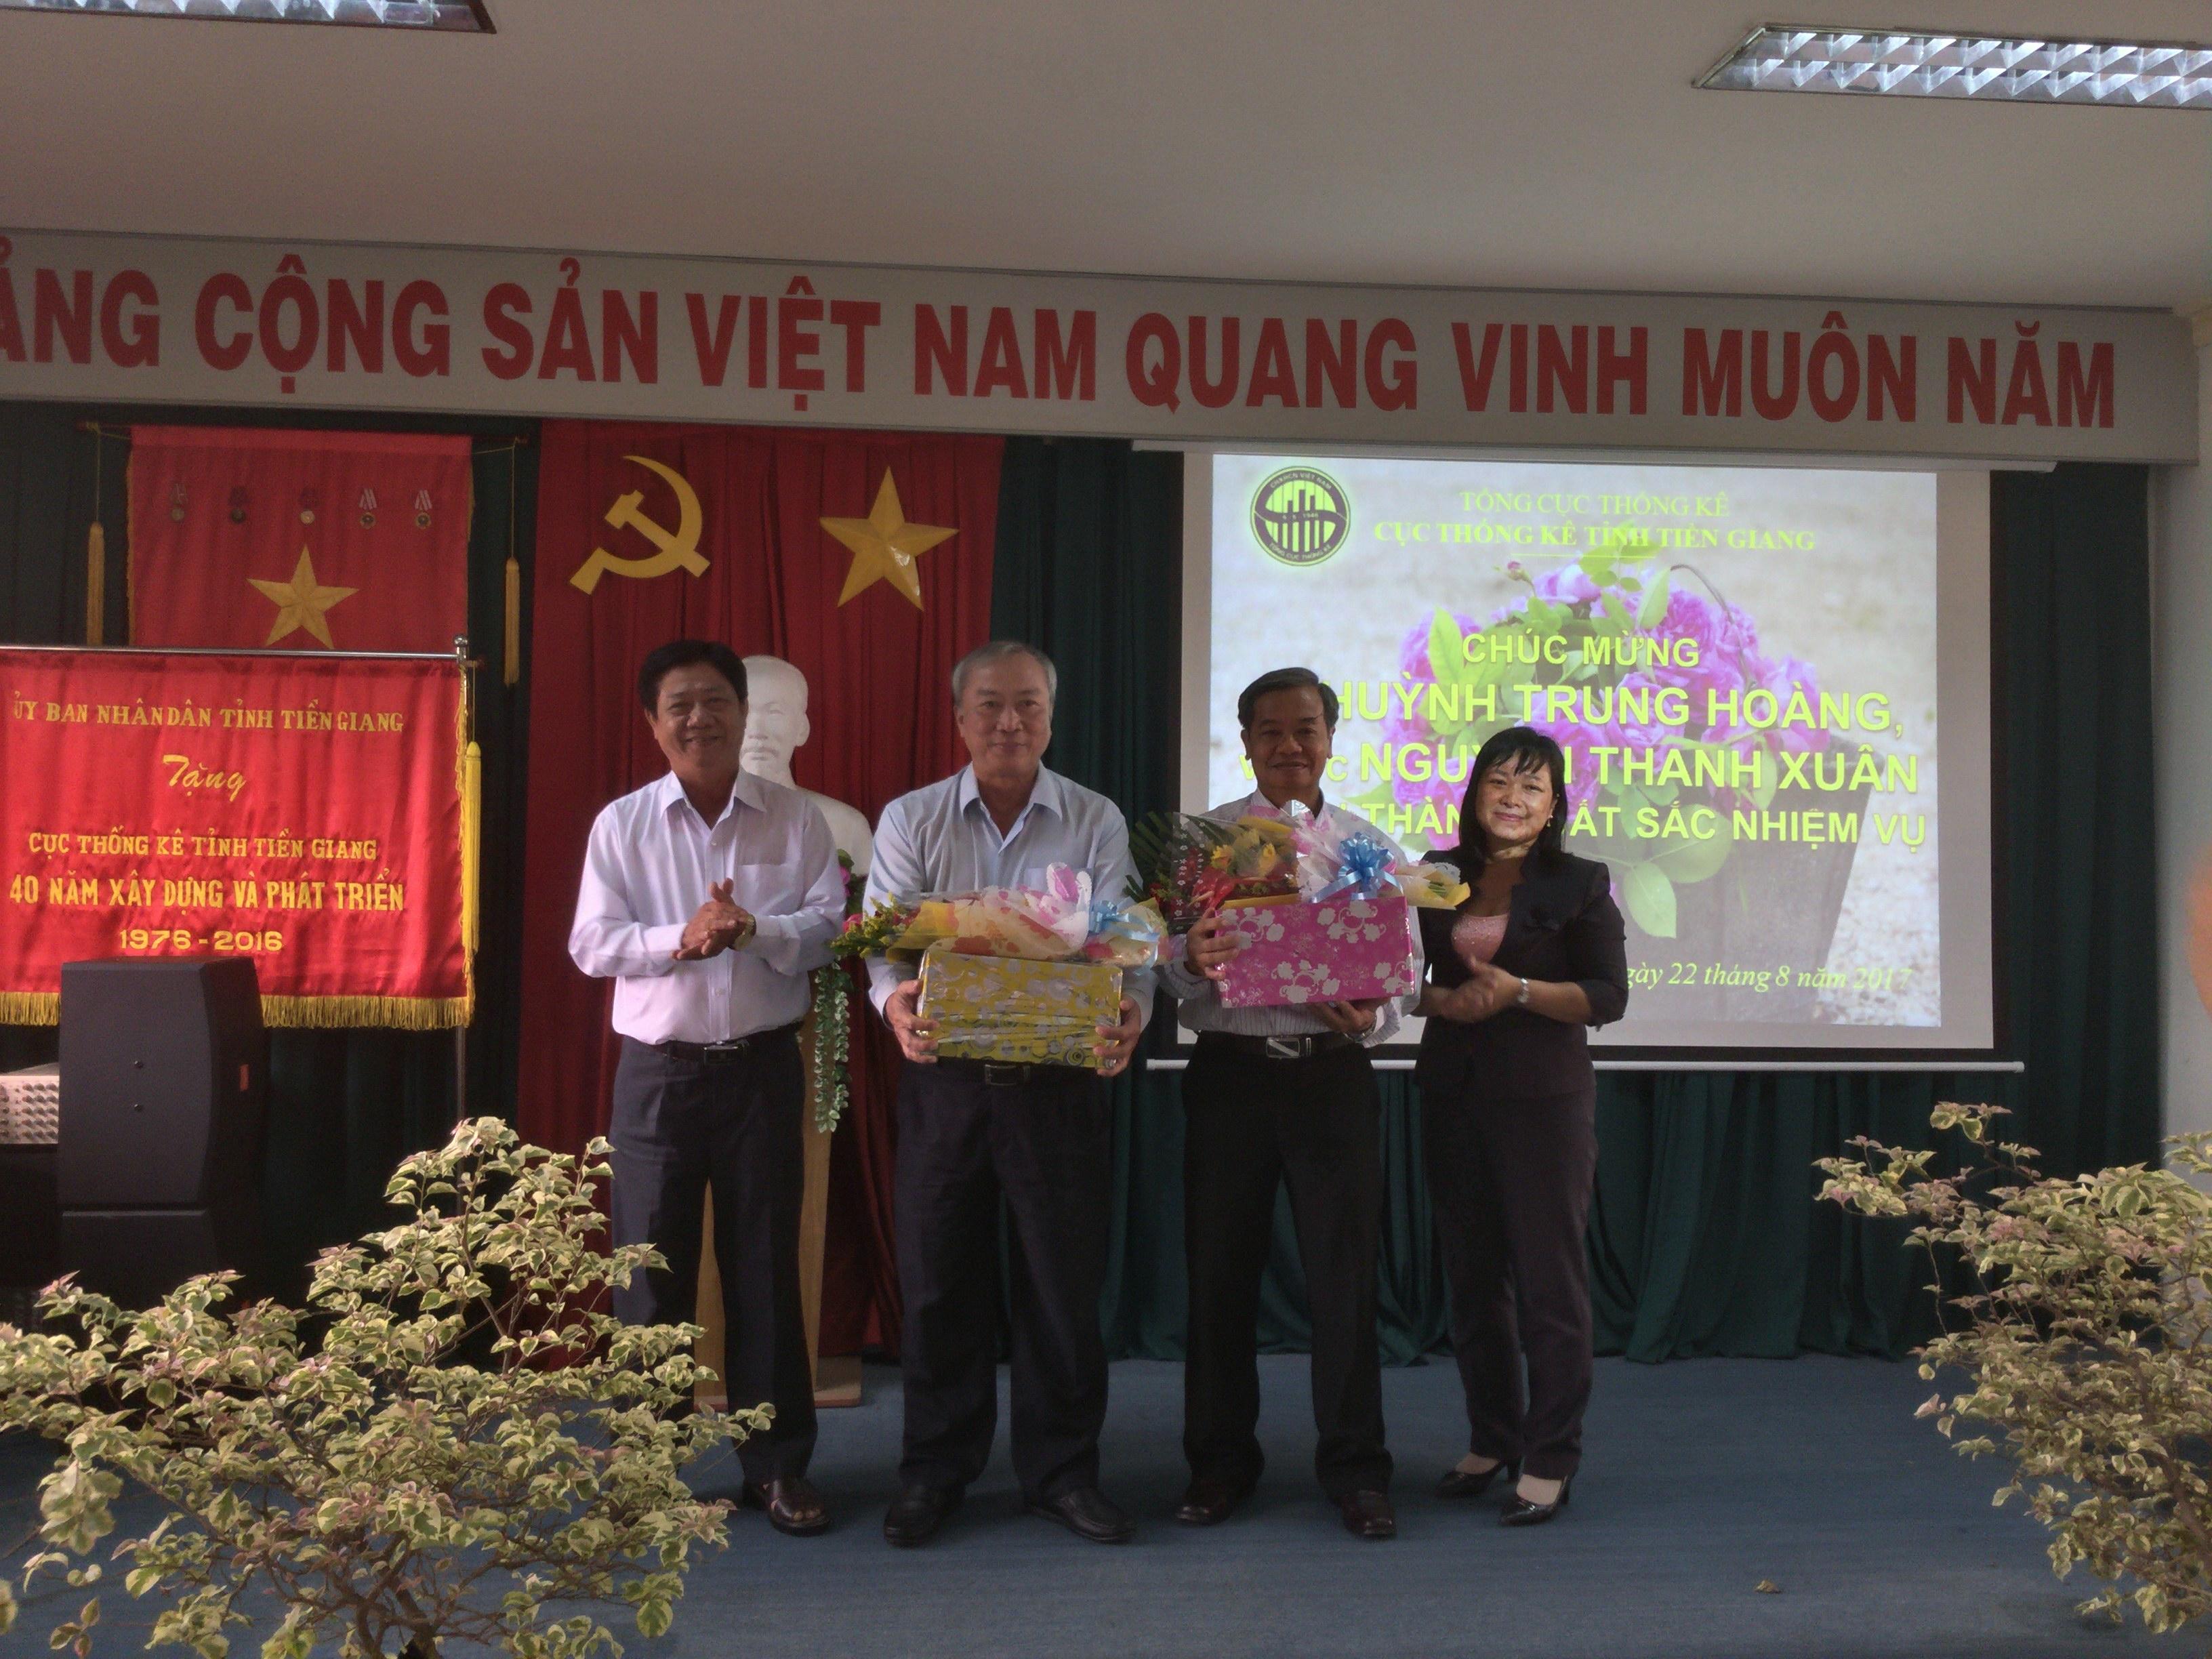 Họp mặt chúc mừng đồng chí Huỳnh Trung Hoàng và Nguyễn Thanh Xuân về nghỉ hưu theo chế độ từ ngày 01/9/2017